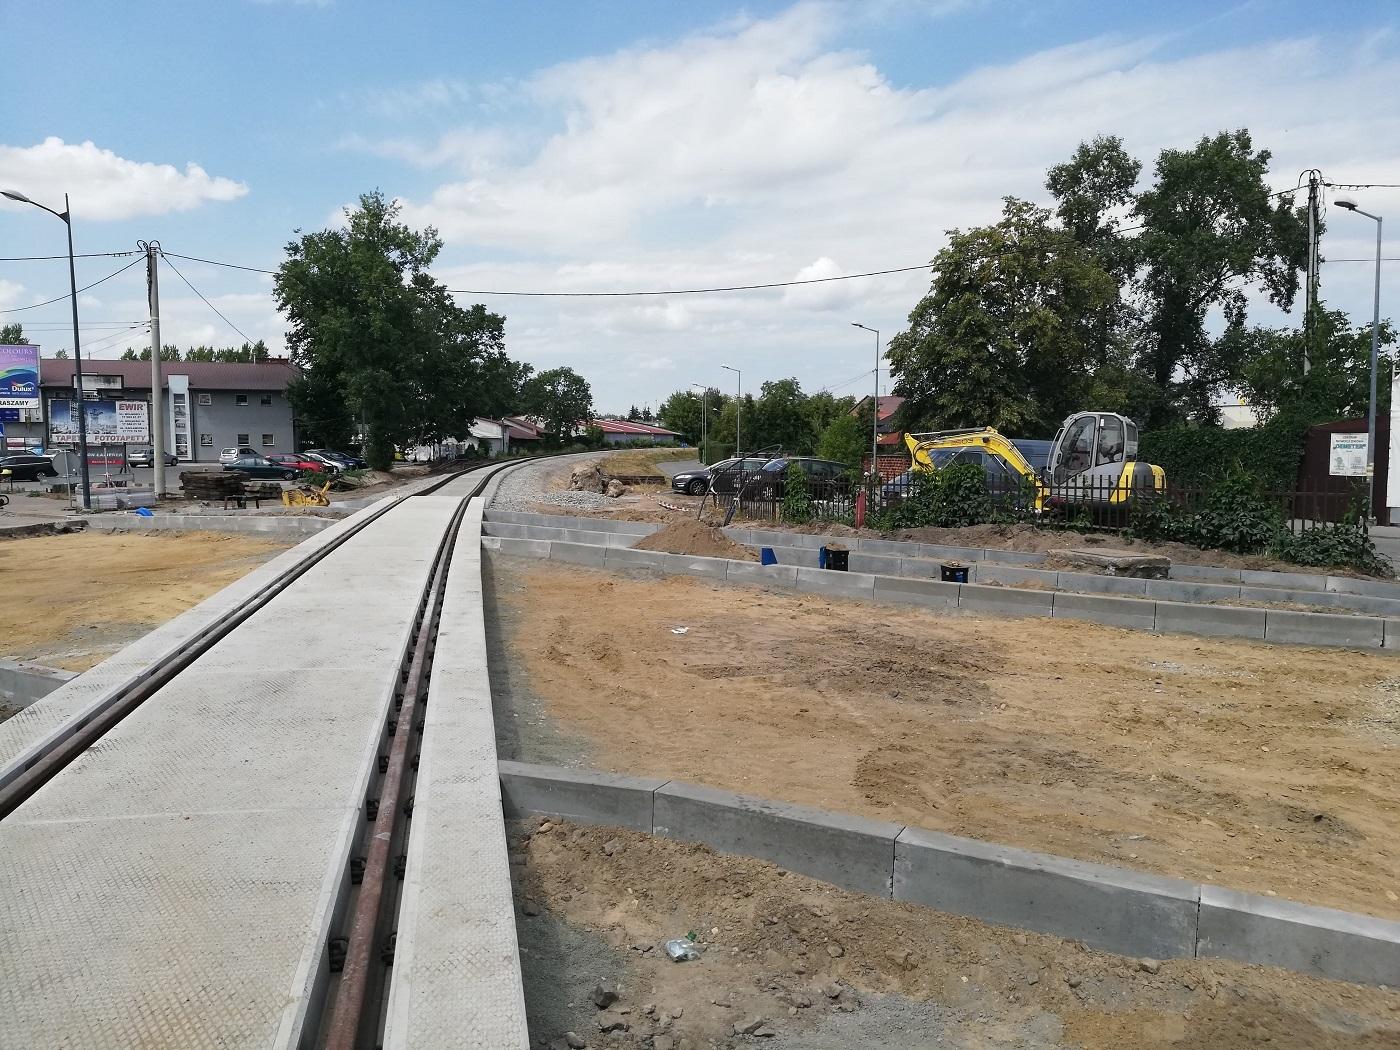 Będzie zamknięty następny przejazd kolejowy w Mielcu [MAPA] - Zdjęcie główne